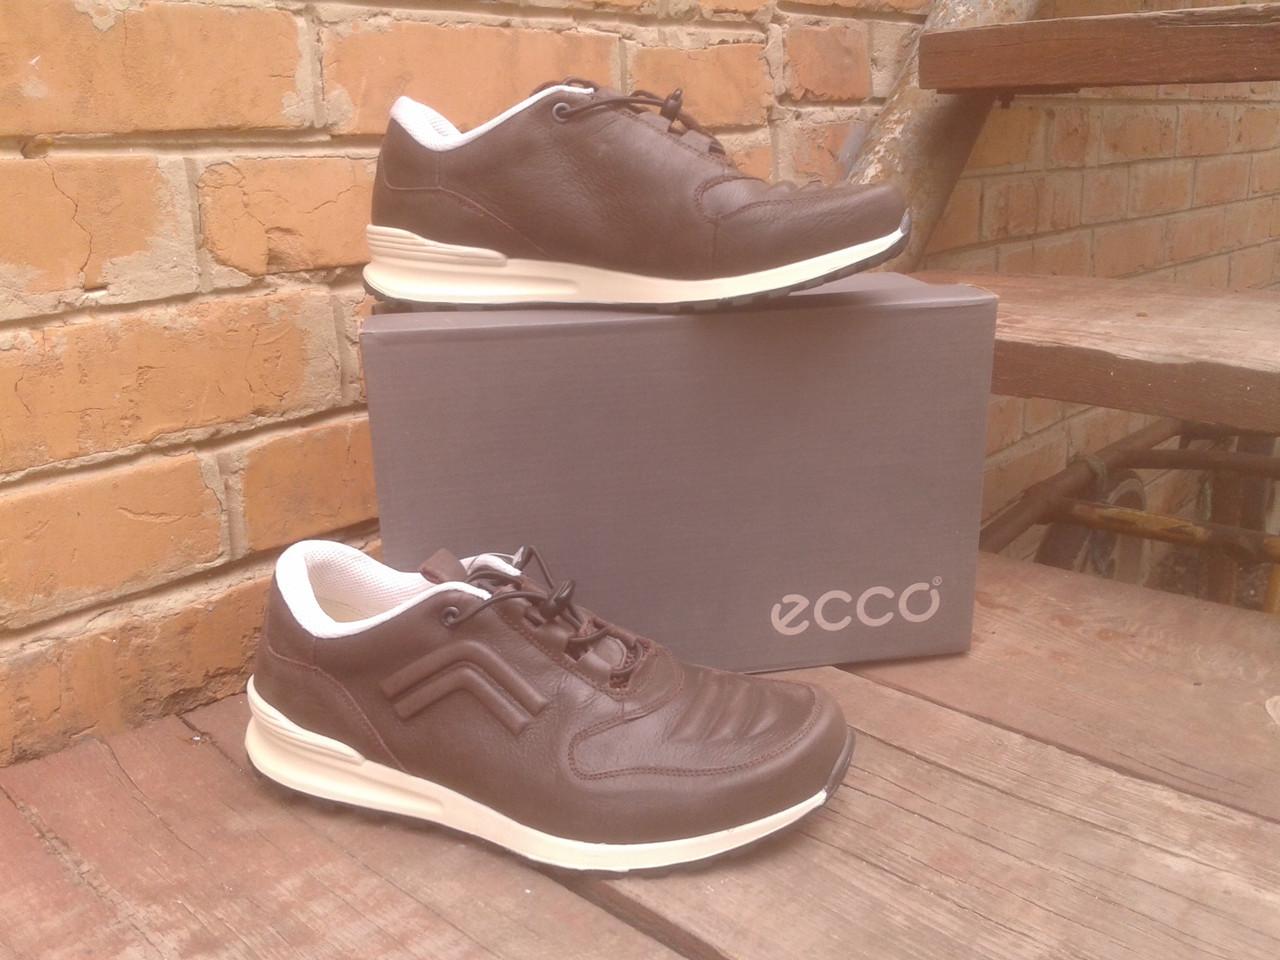 Кроссовки мужские ECCO 232493 коричневые кожа